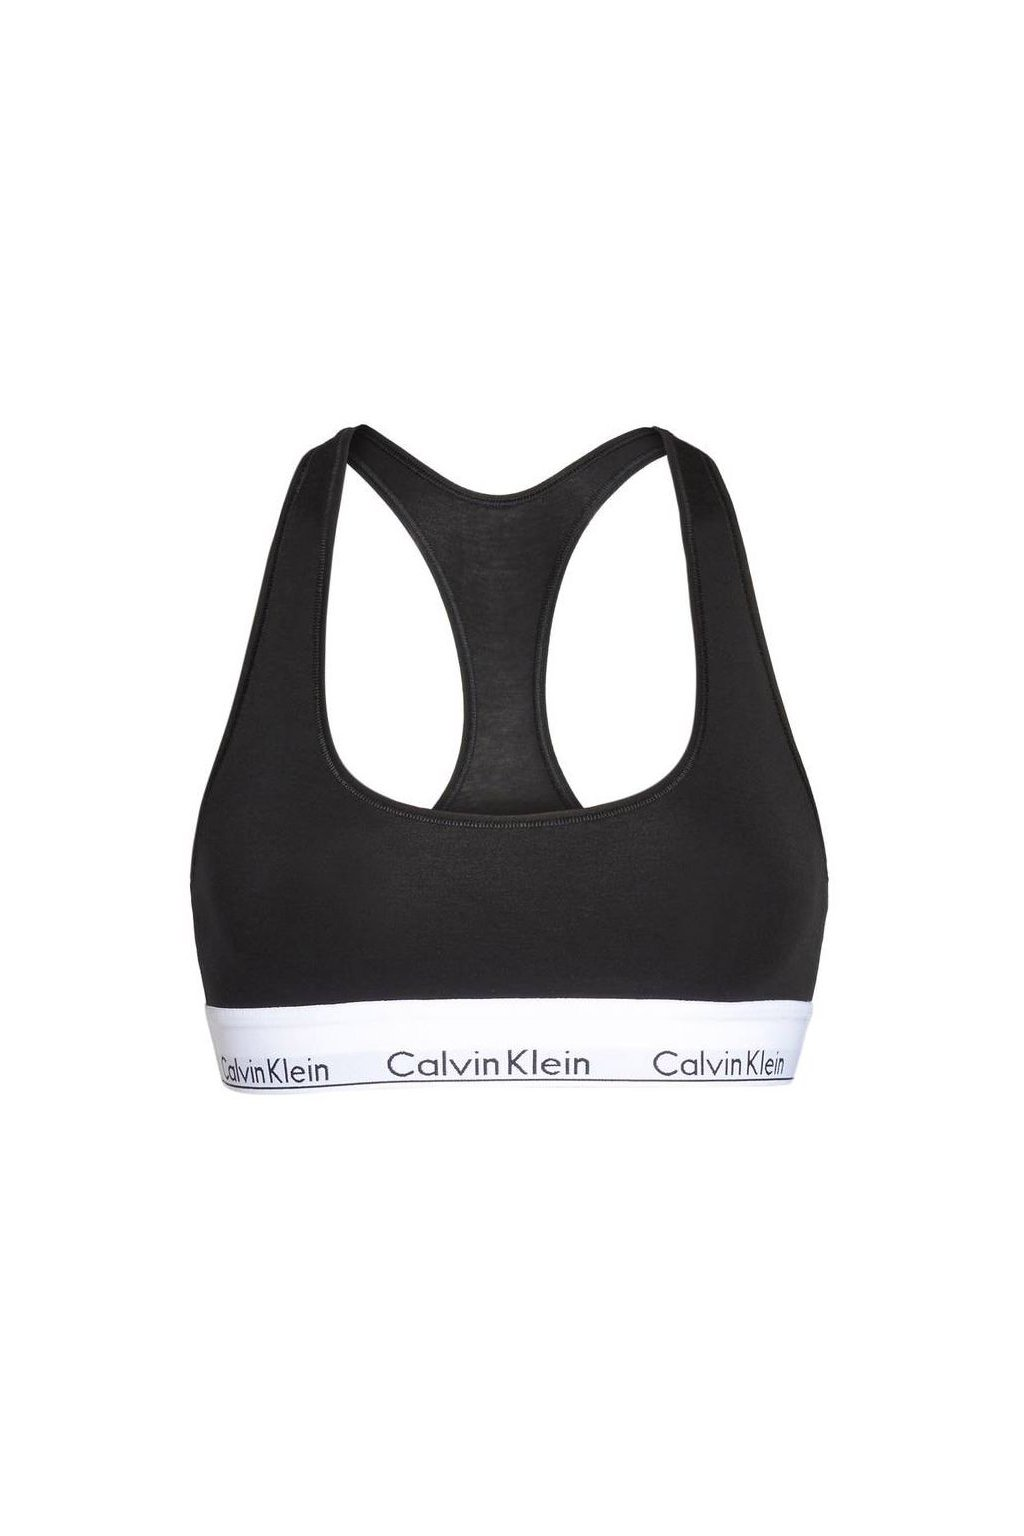 Calvin Klein podprsenka Bralette Unlined Černá